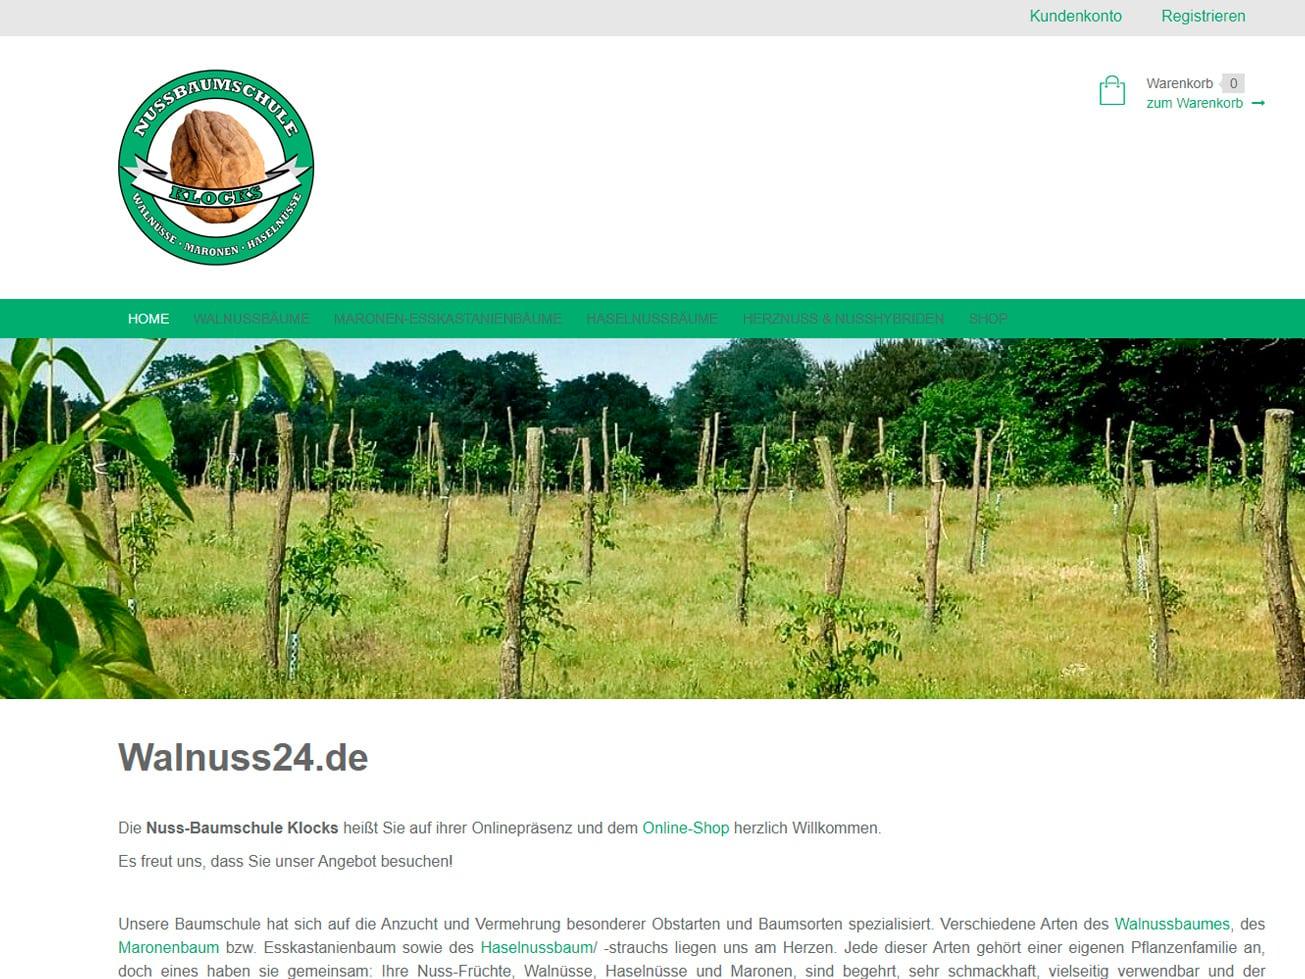 Nussbaumschule Klocks